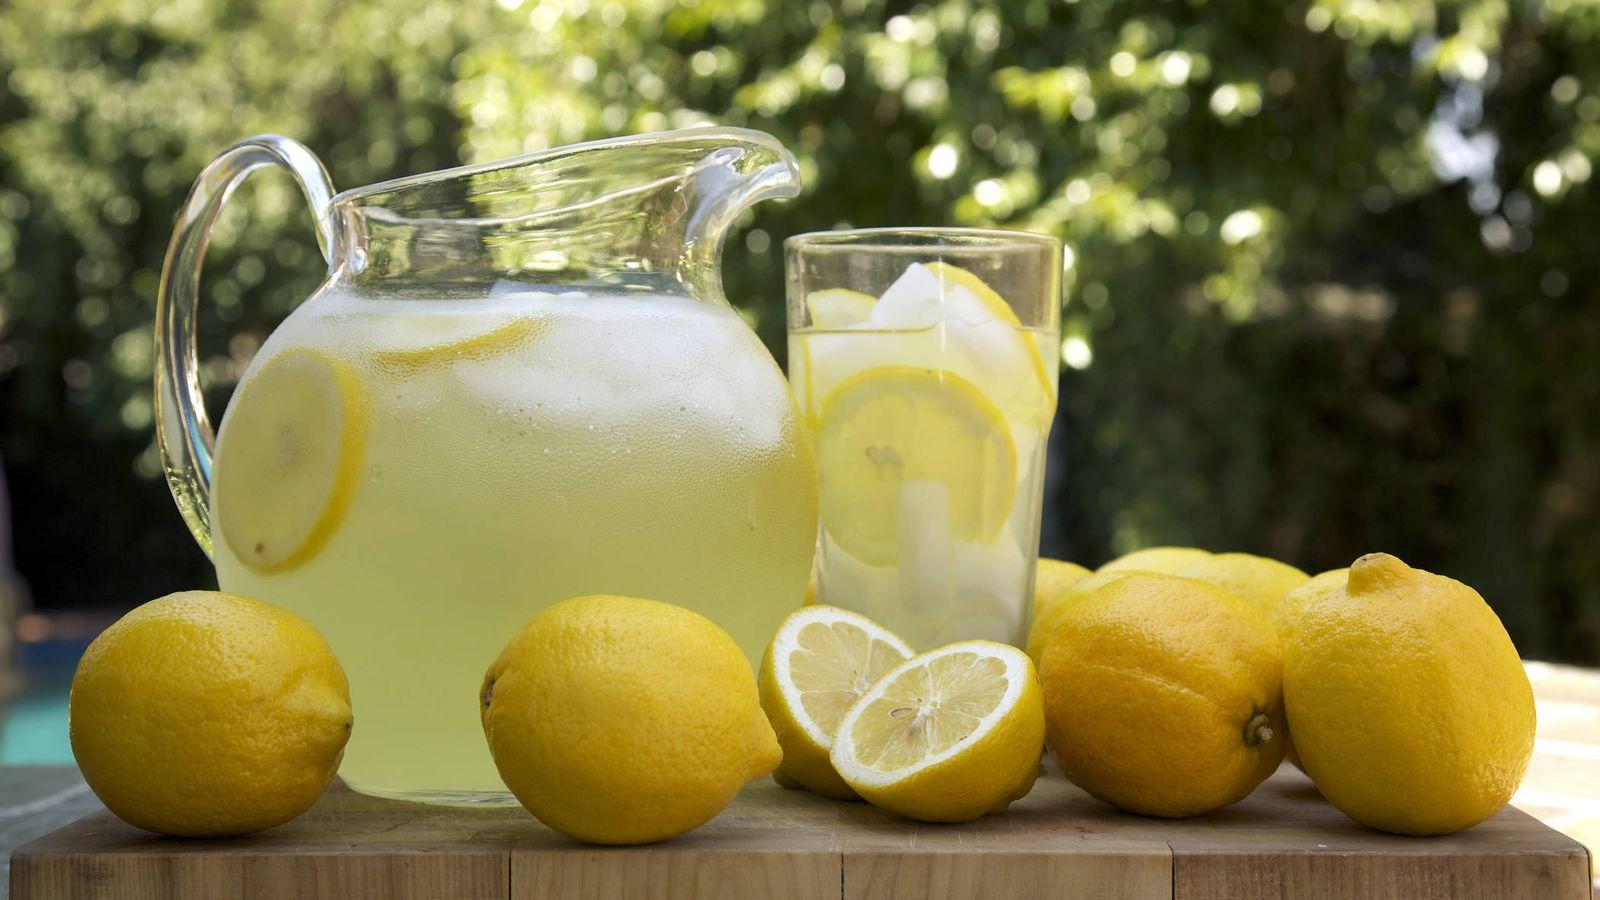 Tomar agua tibia en las mananas ayuda a bajar de peso